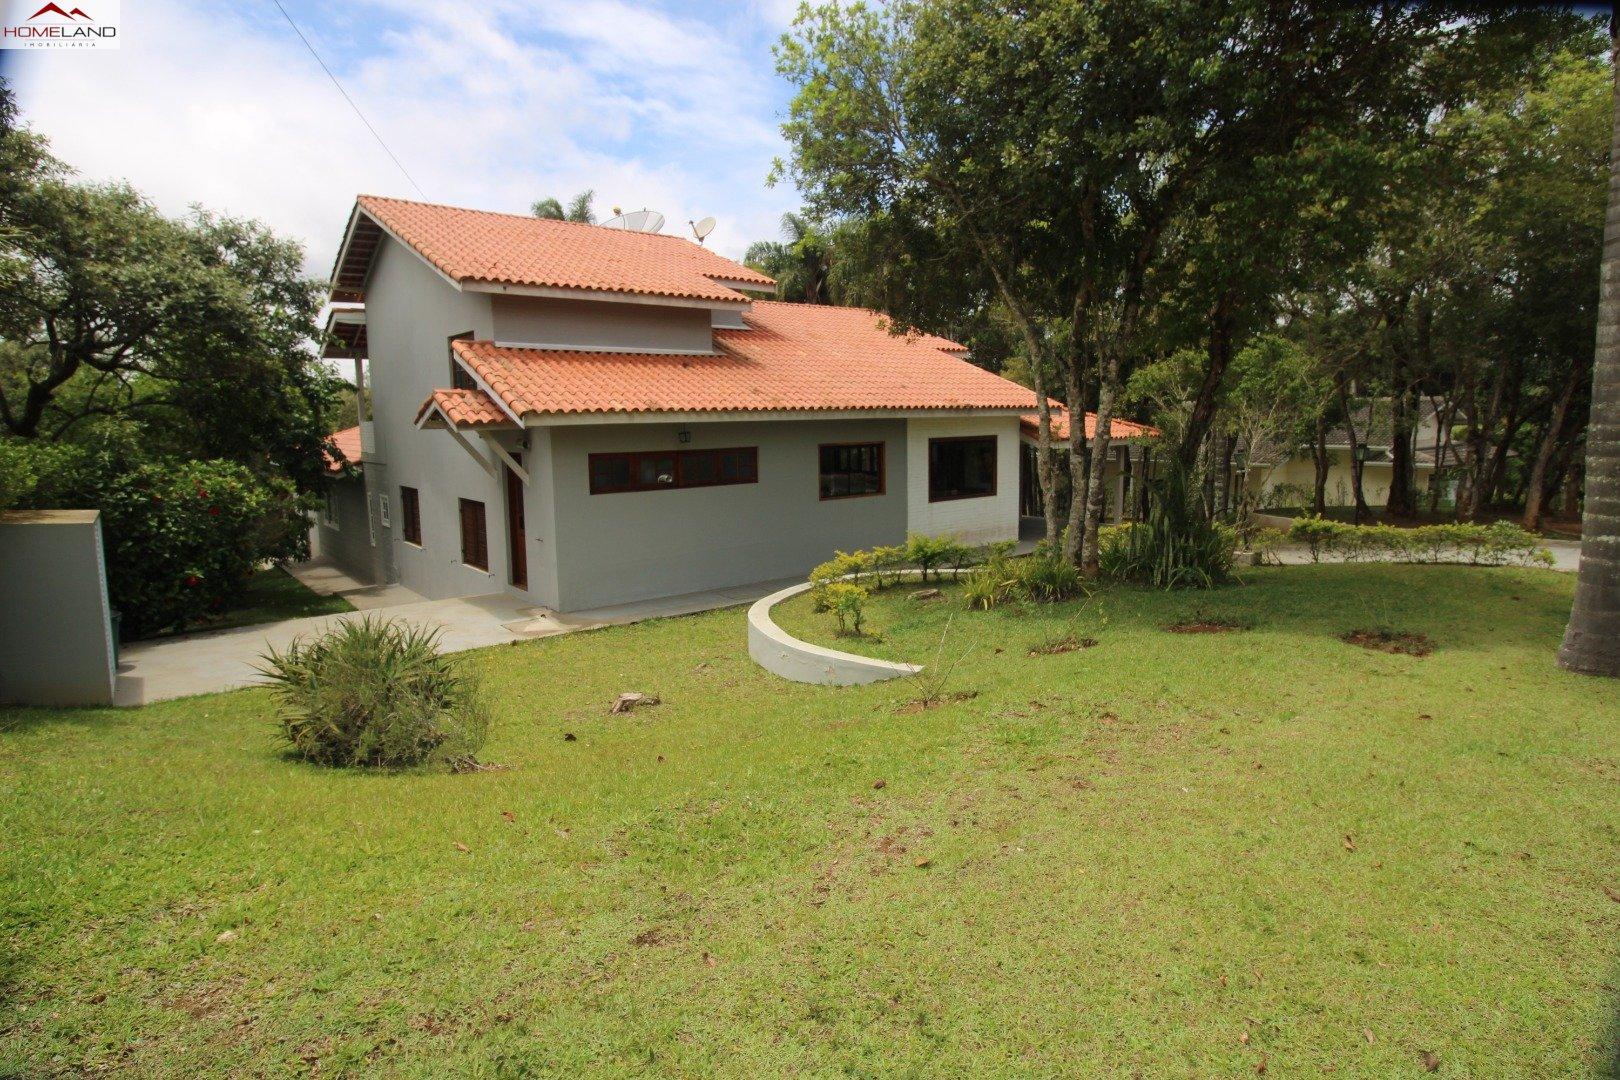 HL-198 Vende-se ou aluga-se casa com 3 dormitórios no Patrimônio do Carmo